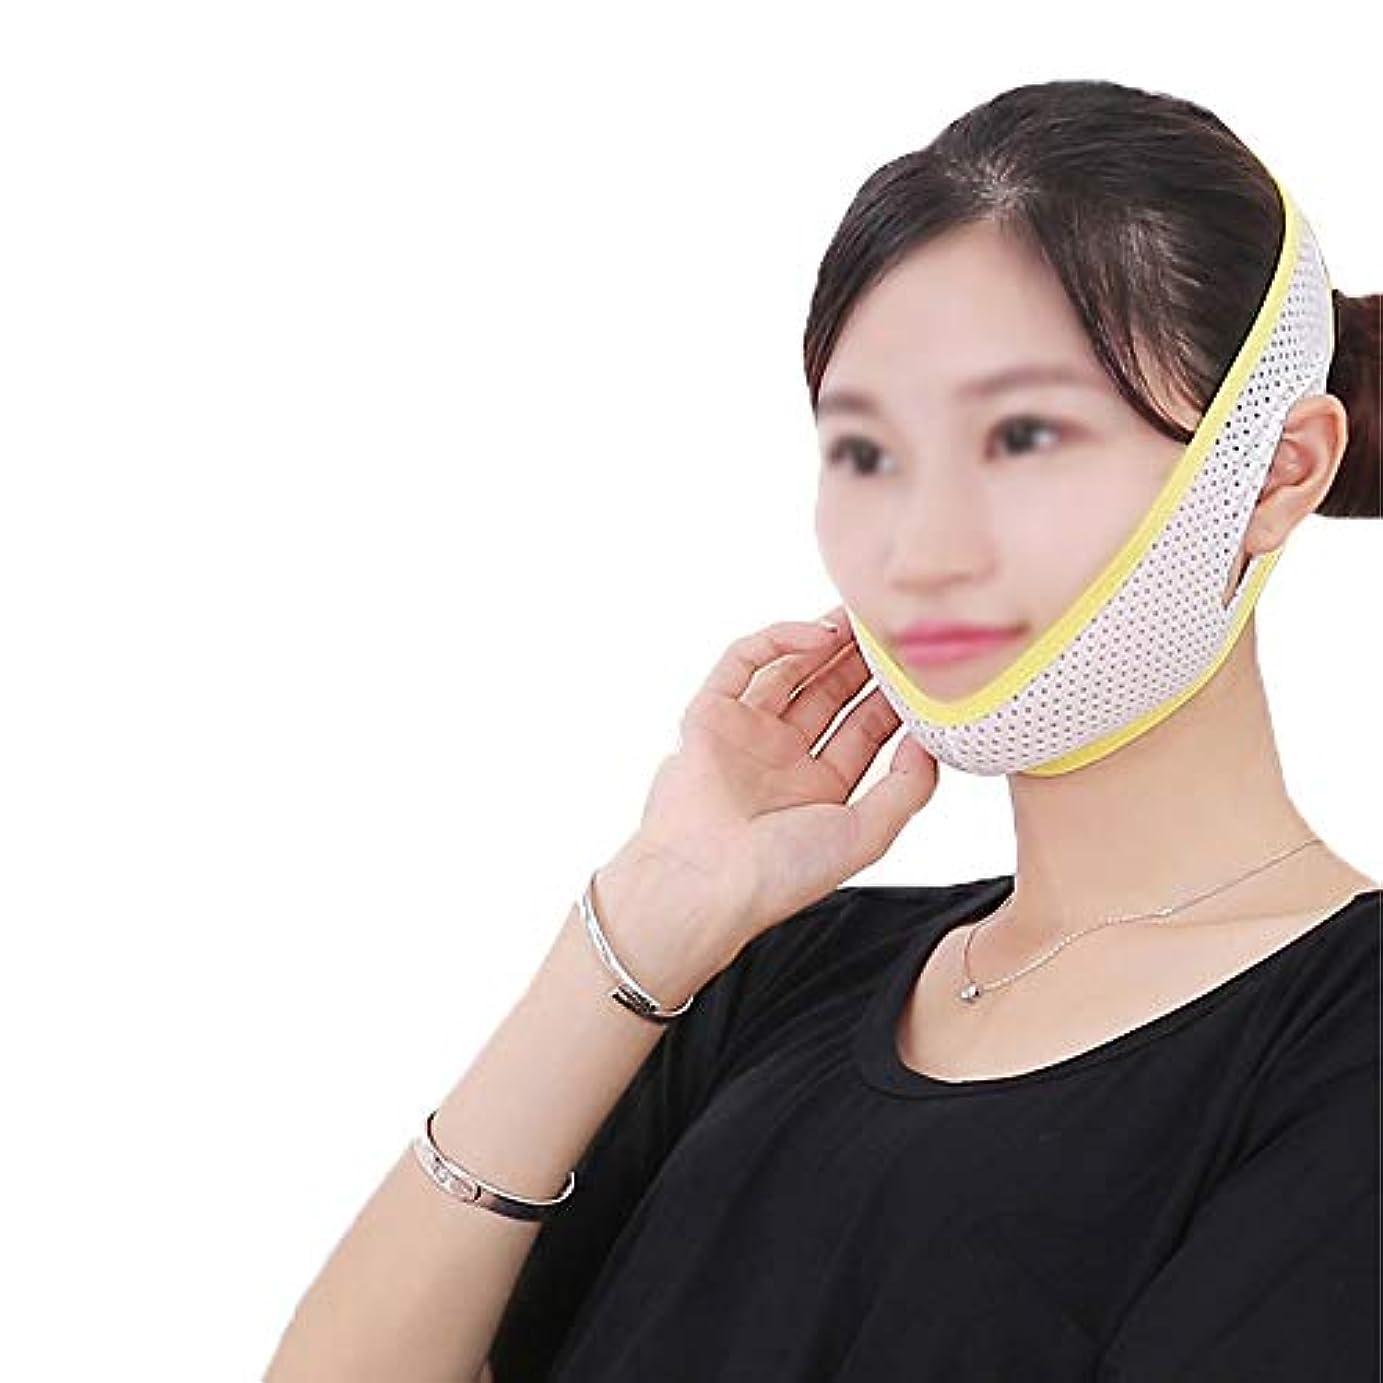 シャベル密接にステレオタイプGLJJQMY 顔と首リフト薄いフェイスマスク強力な薄いフェイスツール締め付け薄いフェイスマスクアーティファクト薄いフェイス包帯薄い顔デバイス 顔用整形マスク (Size : M)